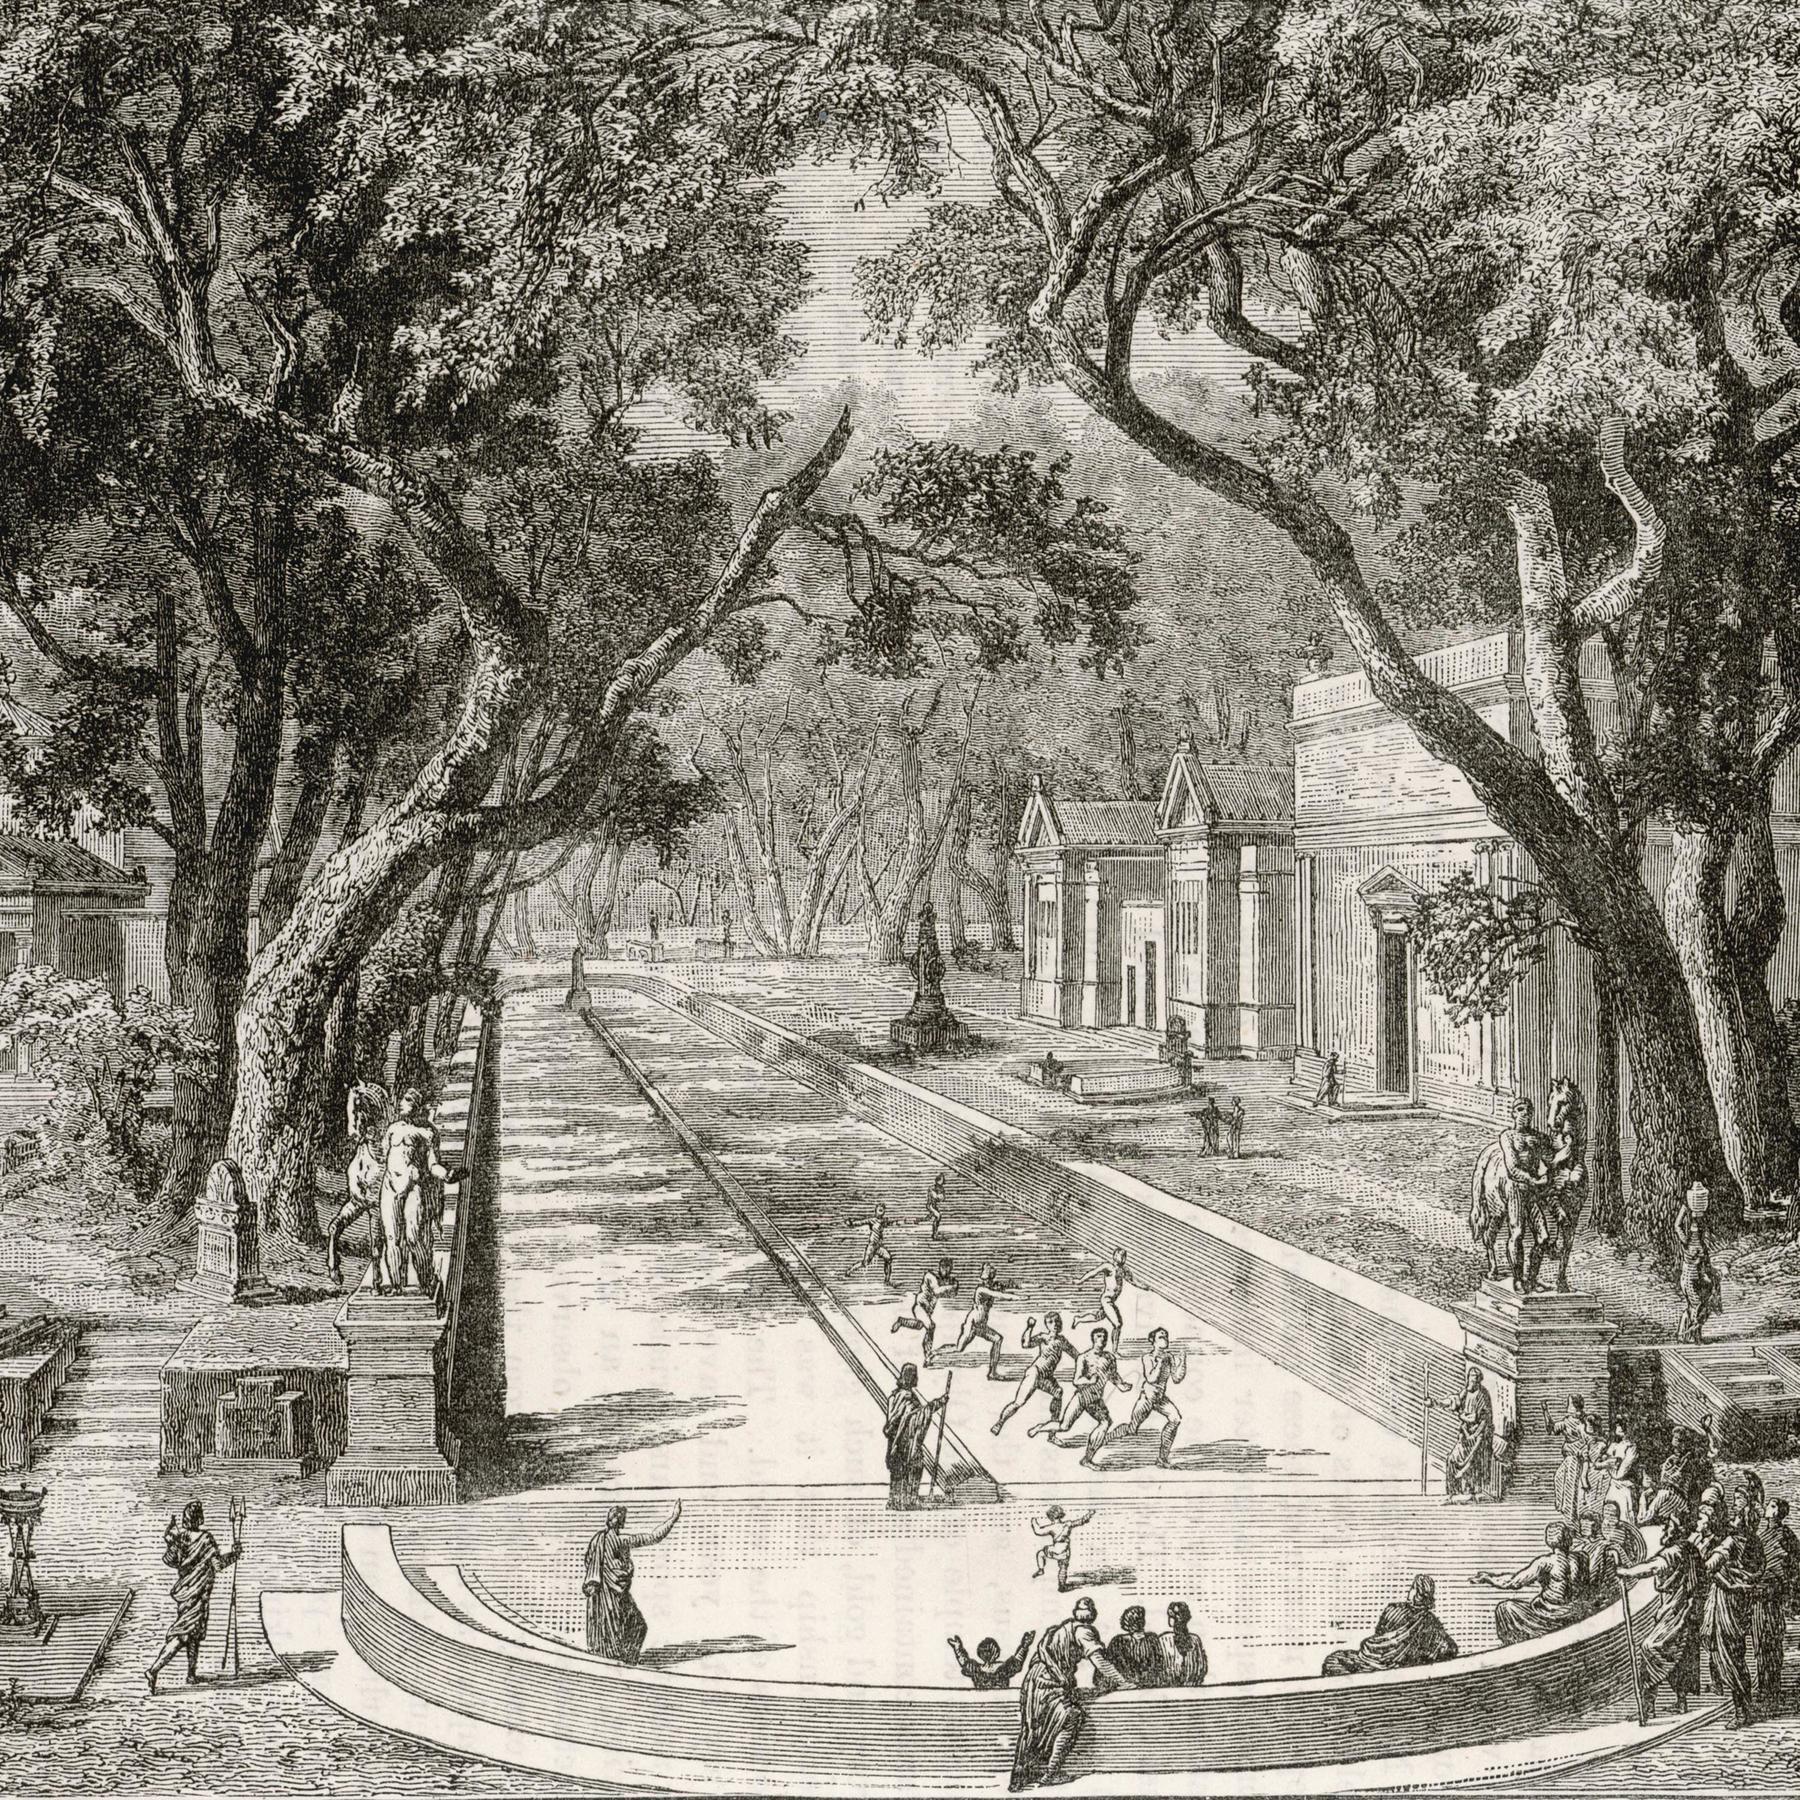 Das antike Sparta - Wie war das Leben dort wirklich?